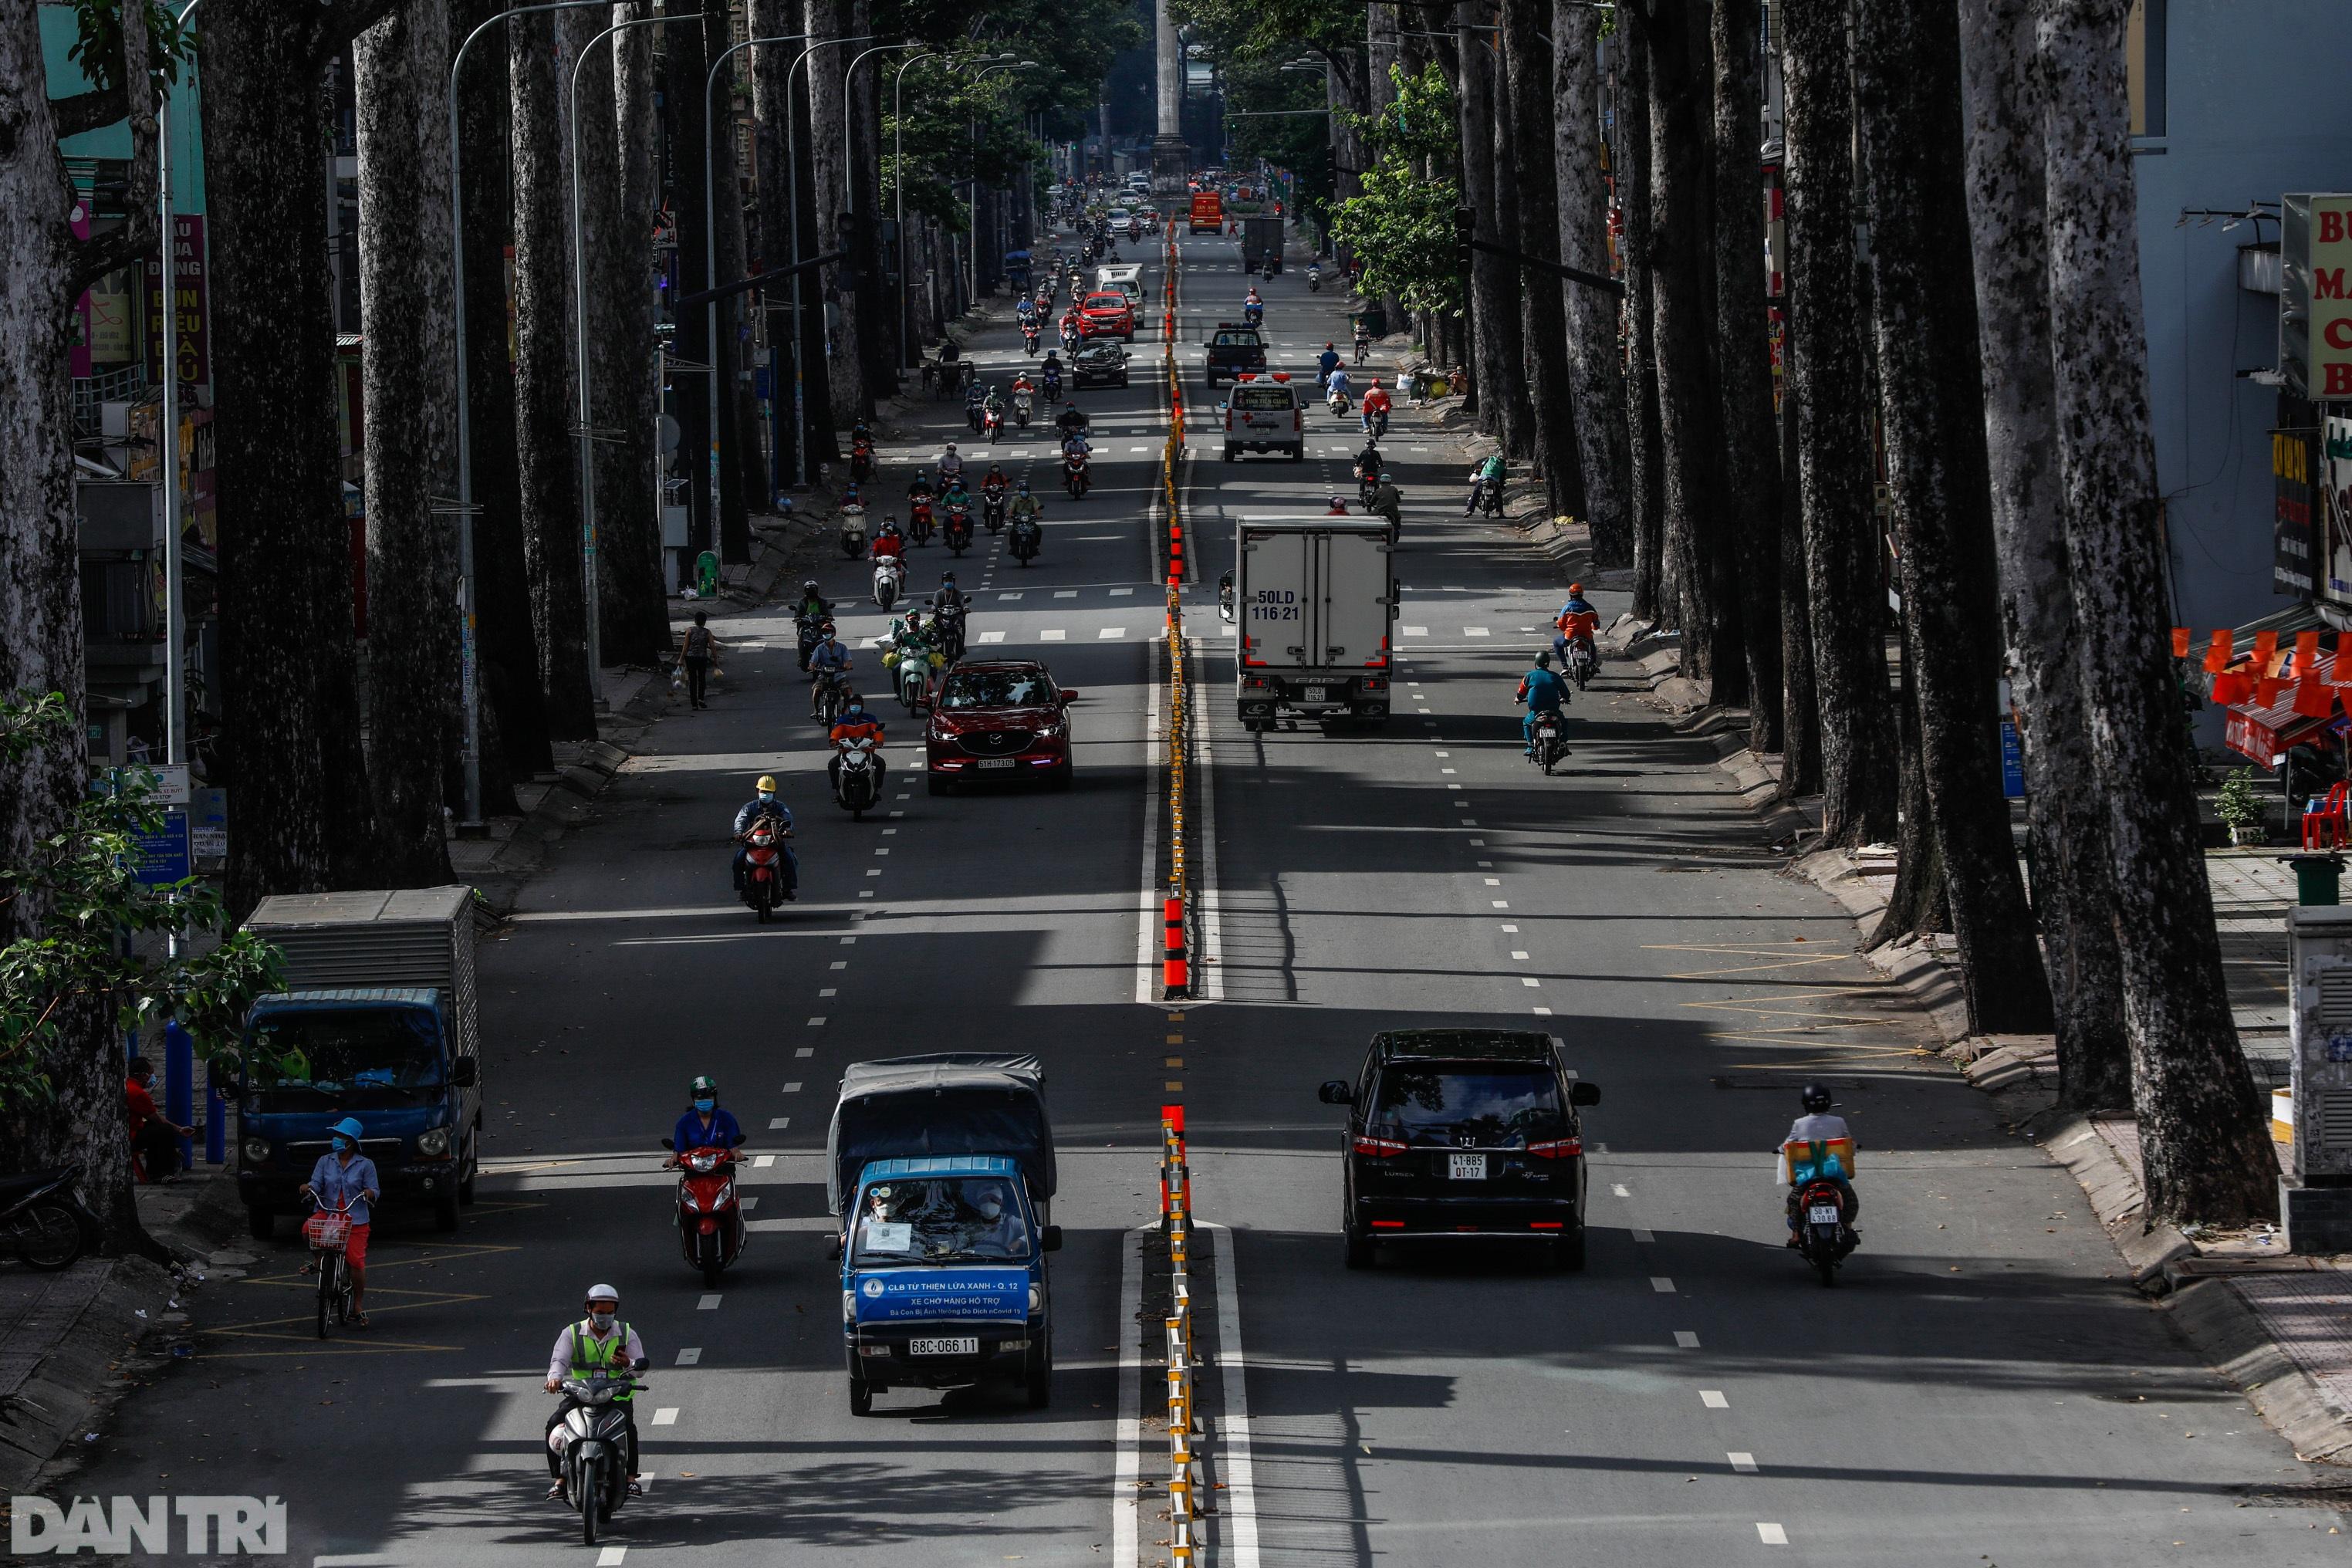 TPHCM sau gia hạn giãn cách: Chốt kiểm soát đông đúc, giao thông nhộn nhịp - 1